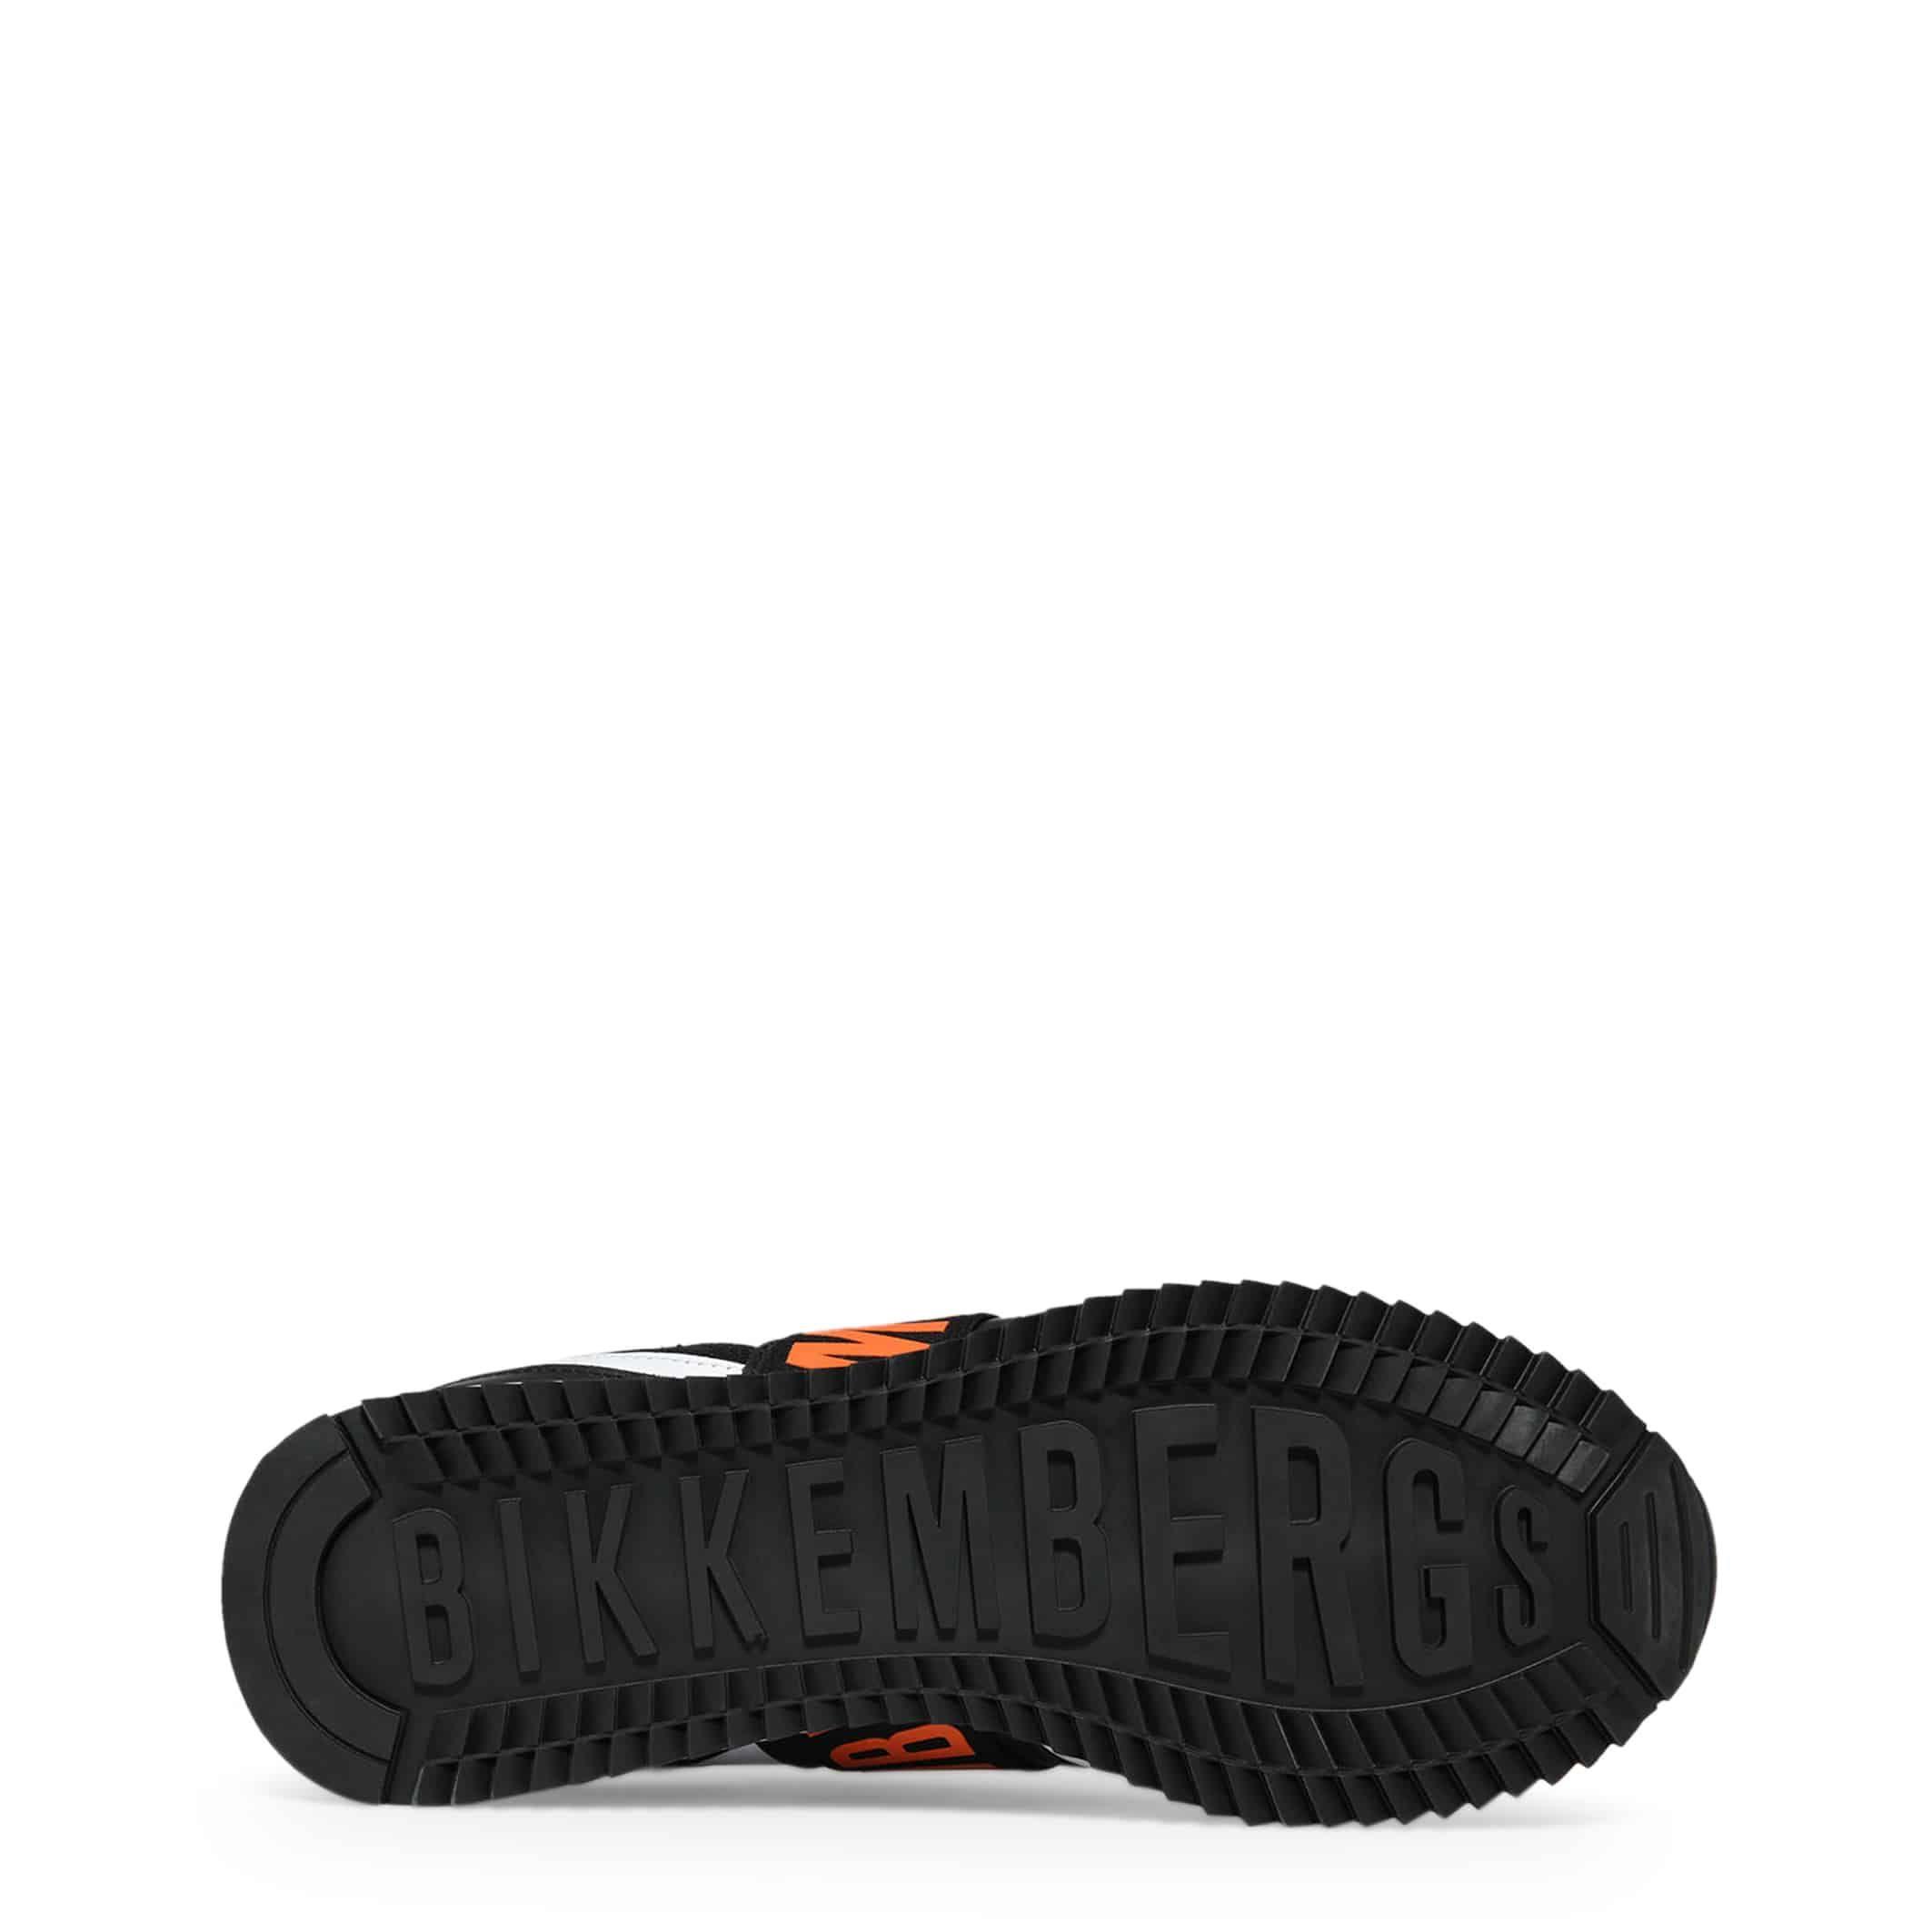 Herren Bikkembergs – B4BKM0053